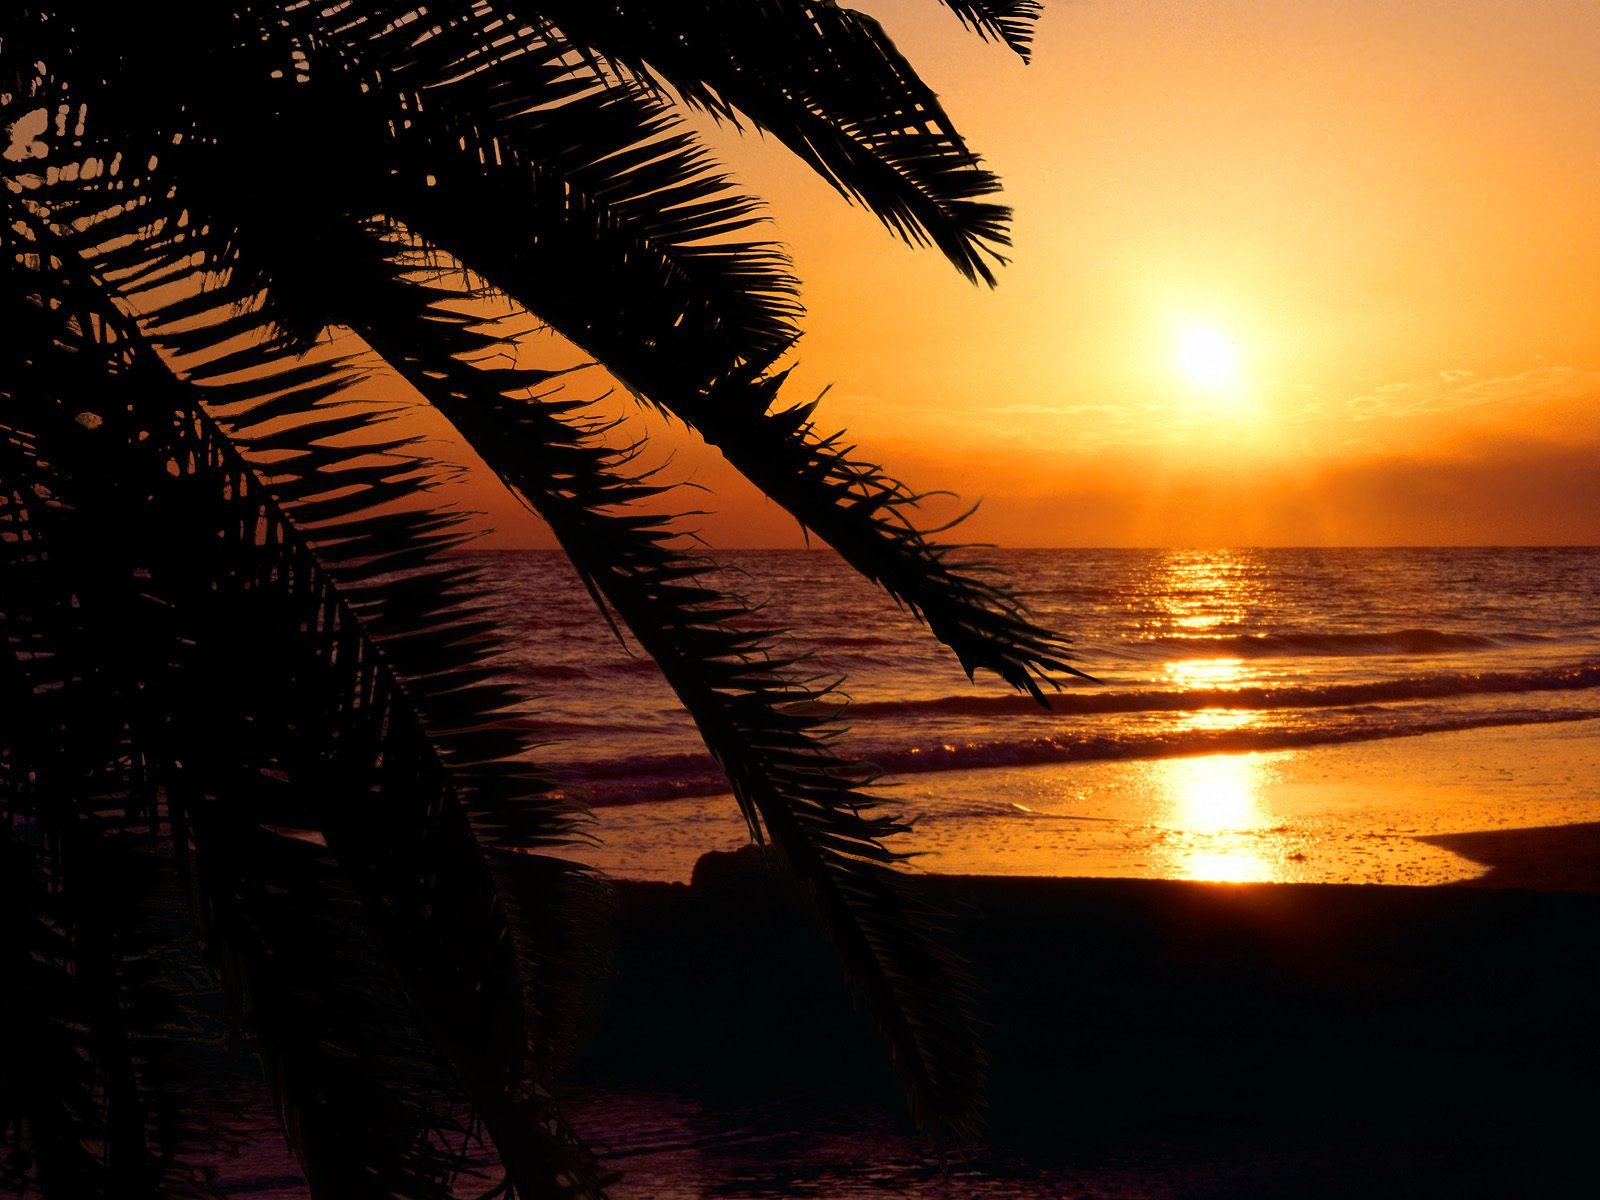 Beach Nature Palm Tree Reflection Sea Sunset 1600x1200